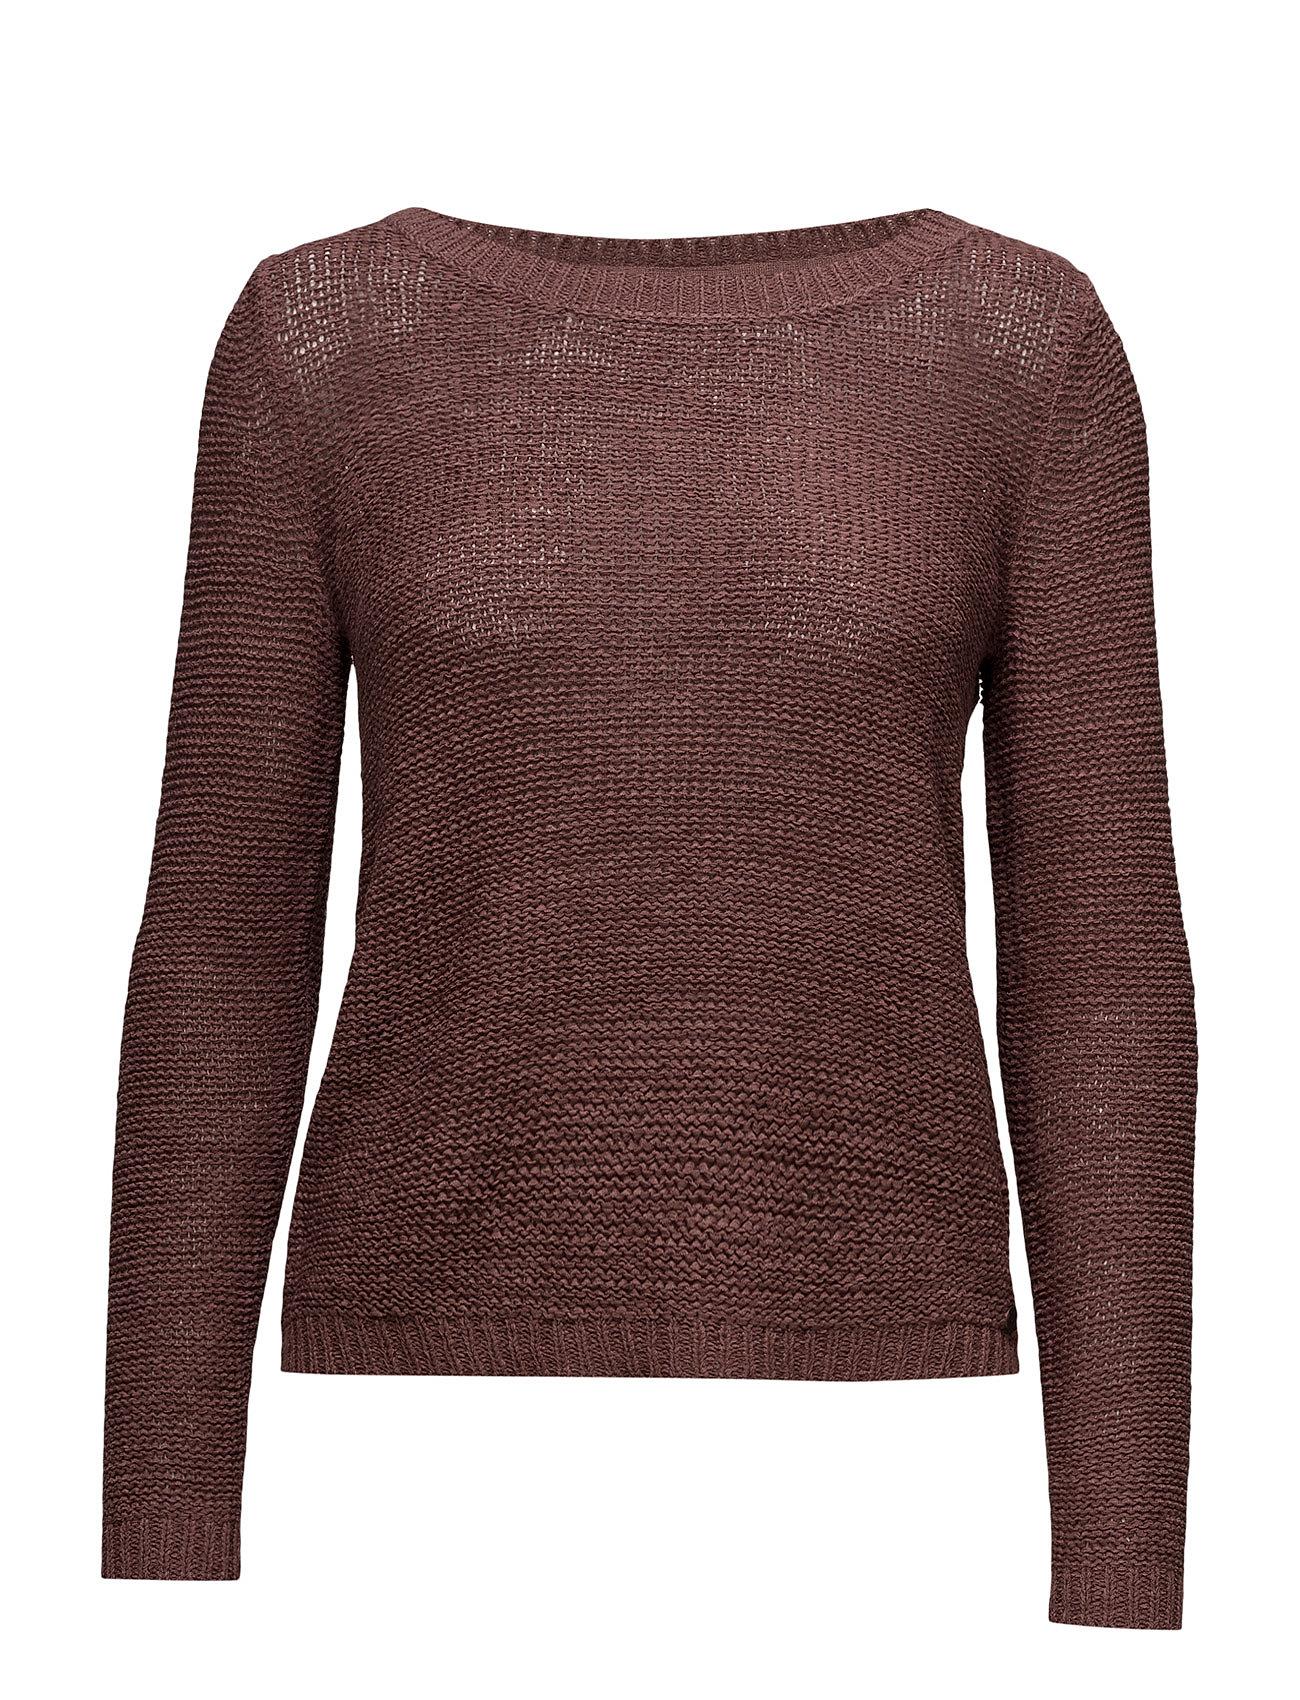 Onlgeena Xo L/S Pullover Knt Noos ONLY Sweatshirts til Kvinder i